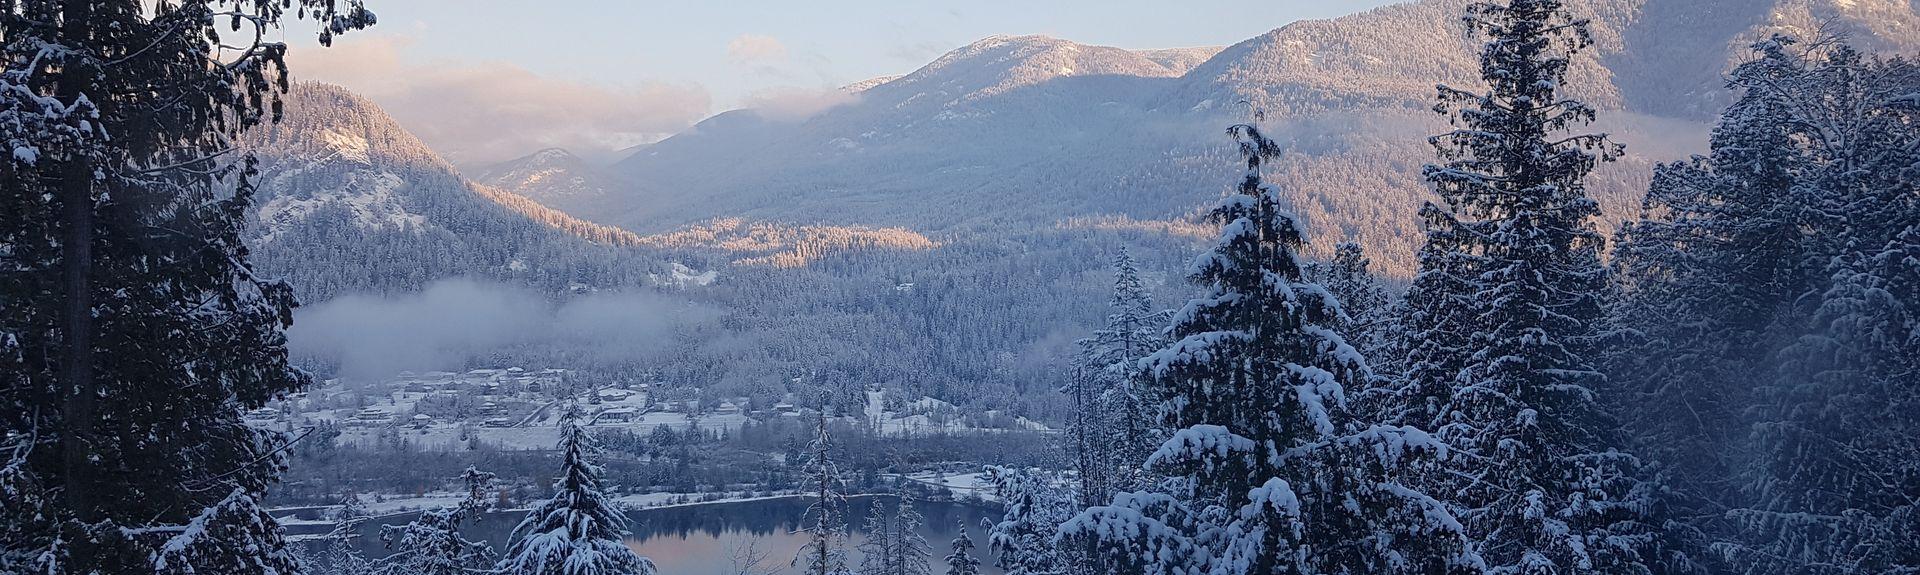 Castlegar, British Columbia, CA